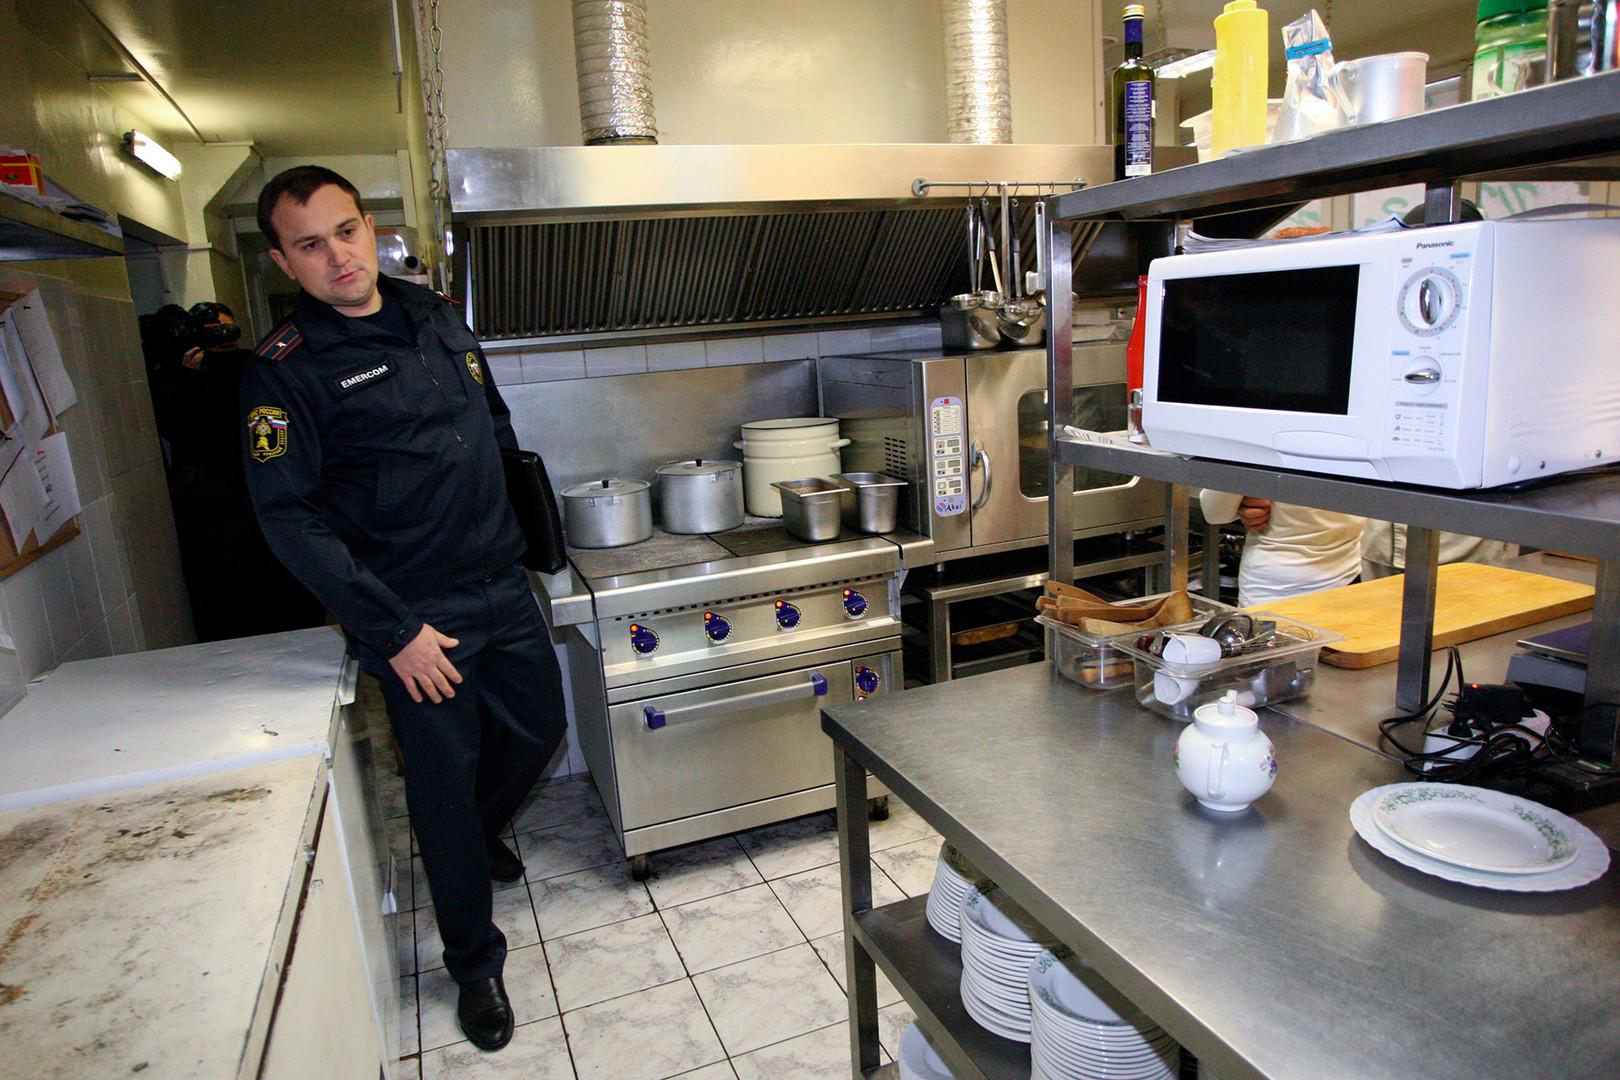 「あなたが良い料理を提供し、客がそれを感じて常連になれば、検査官は、苦情が入らないかぎり、頻繁に来ることはない」